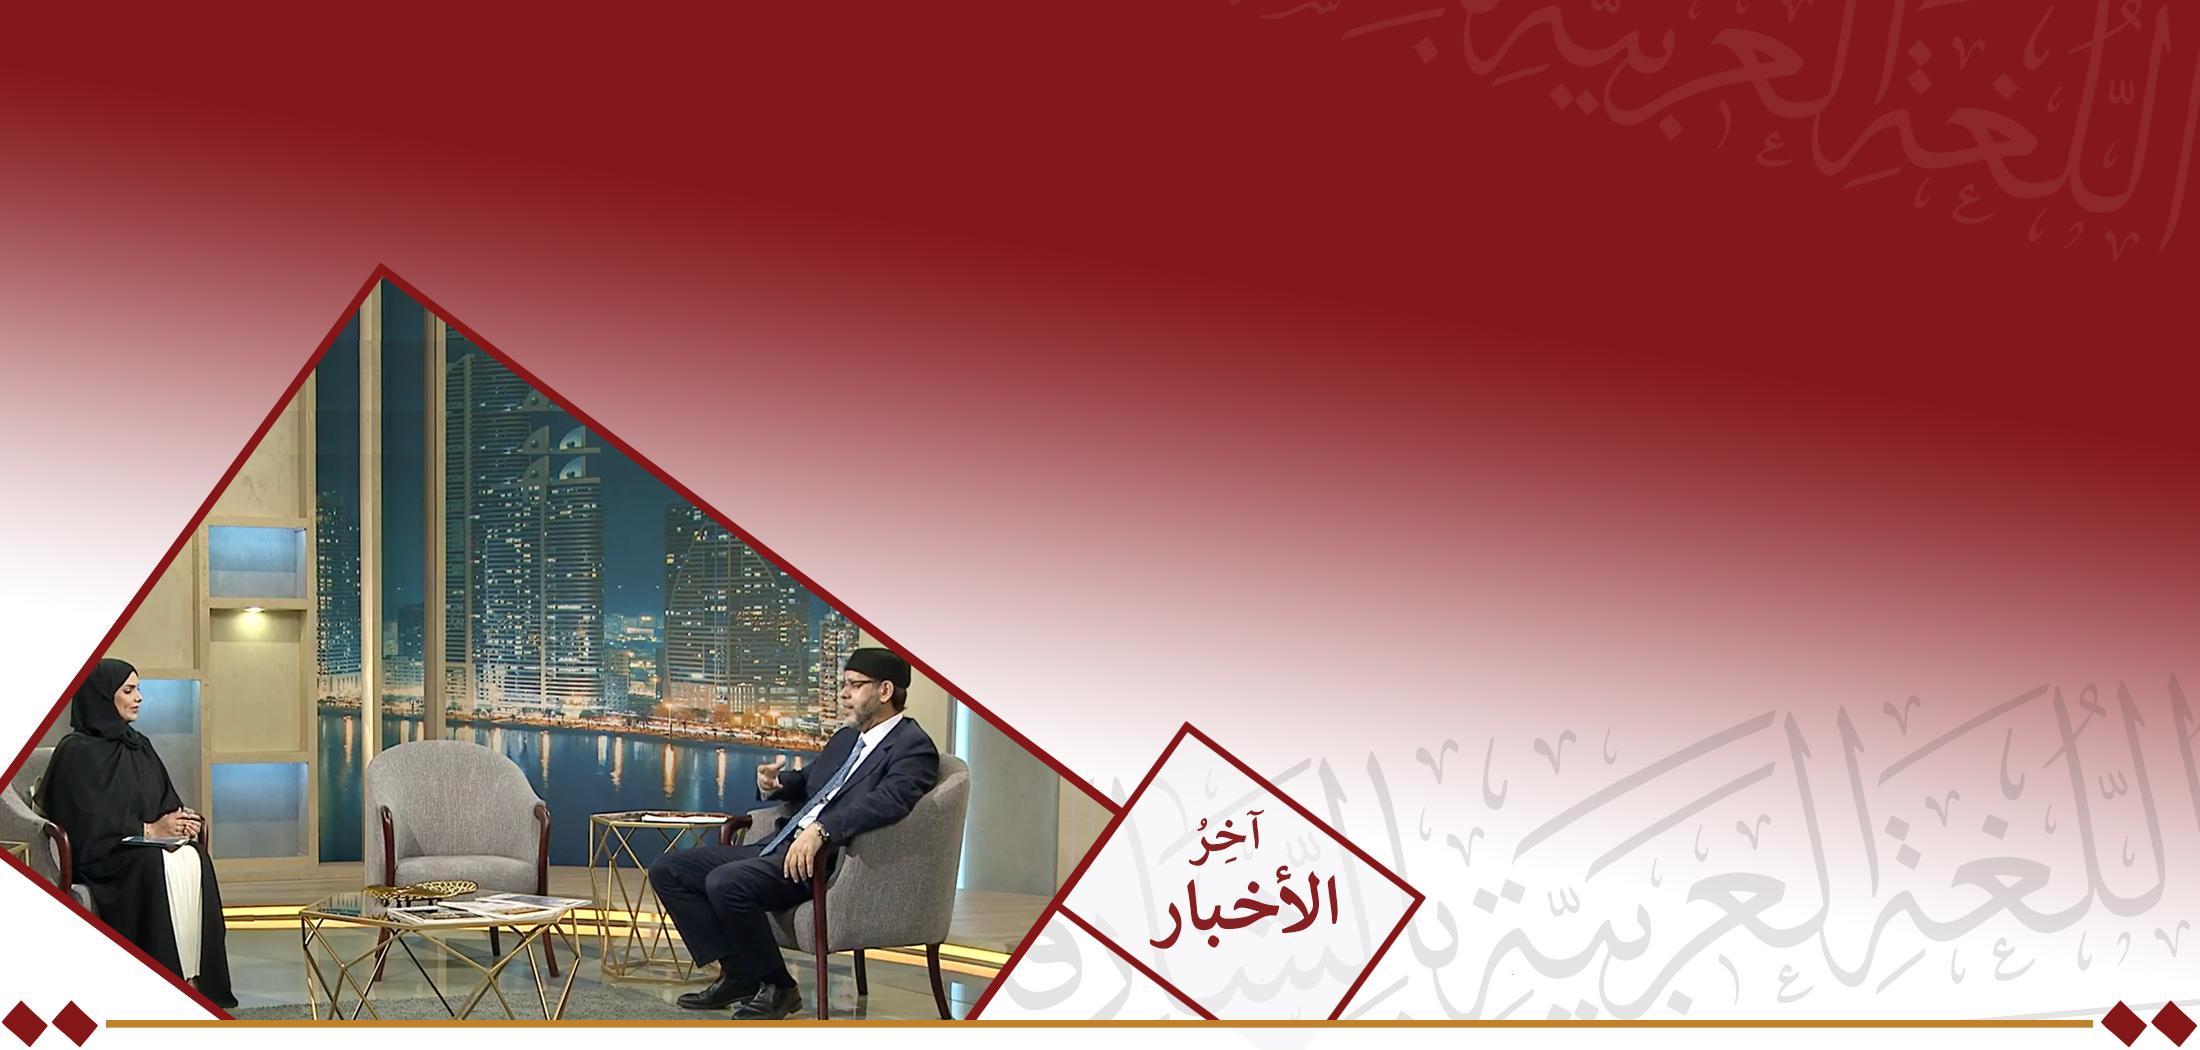 برنامج أماسي – مجلة العربية لساني .. في عددها الثالث – أخبار1